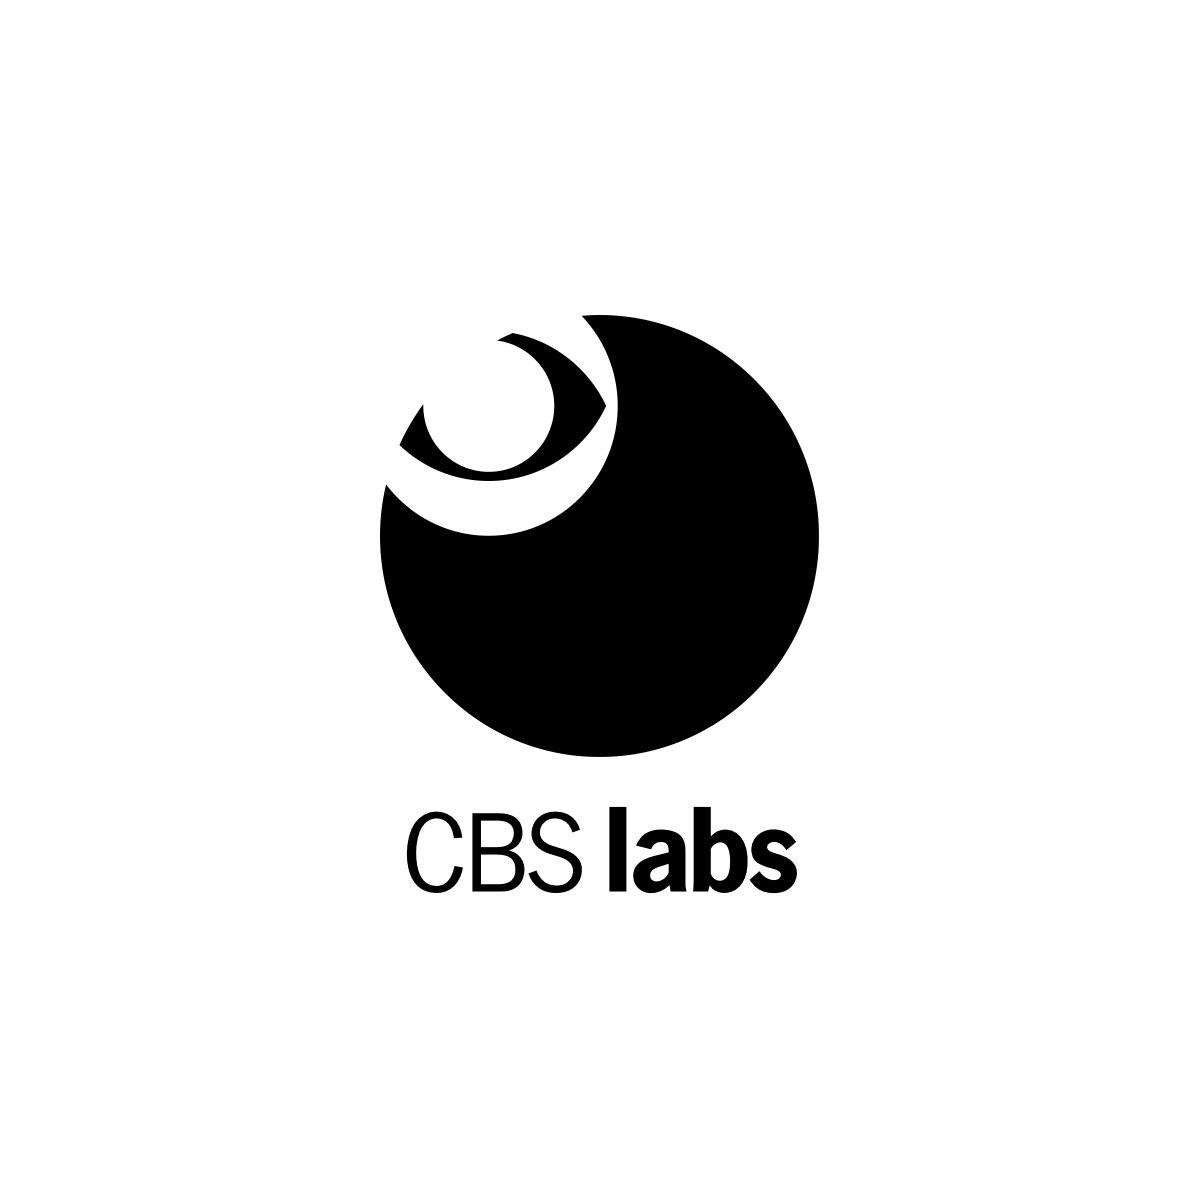 logos.006.jpeg